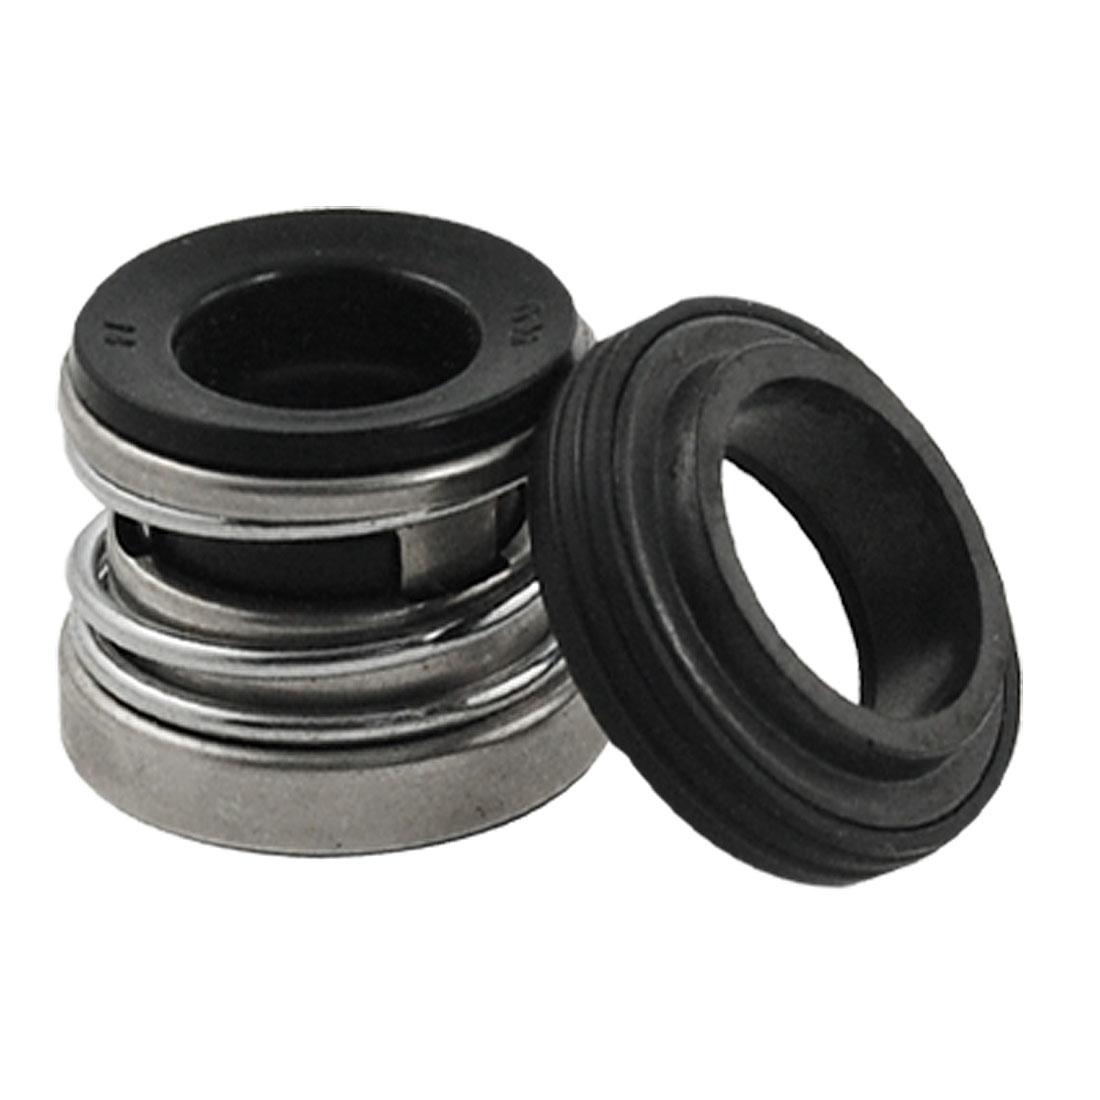 14mm Inbuilt Single Spring Mechanical Shaft Seal for Pump